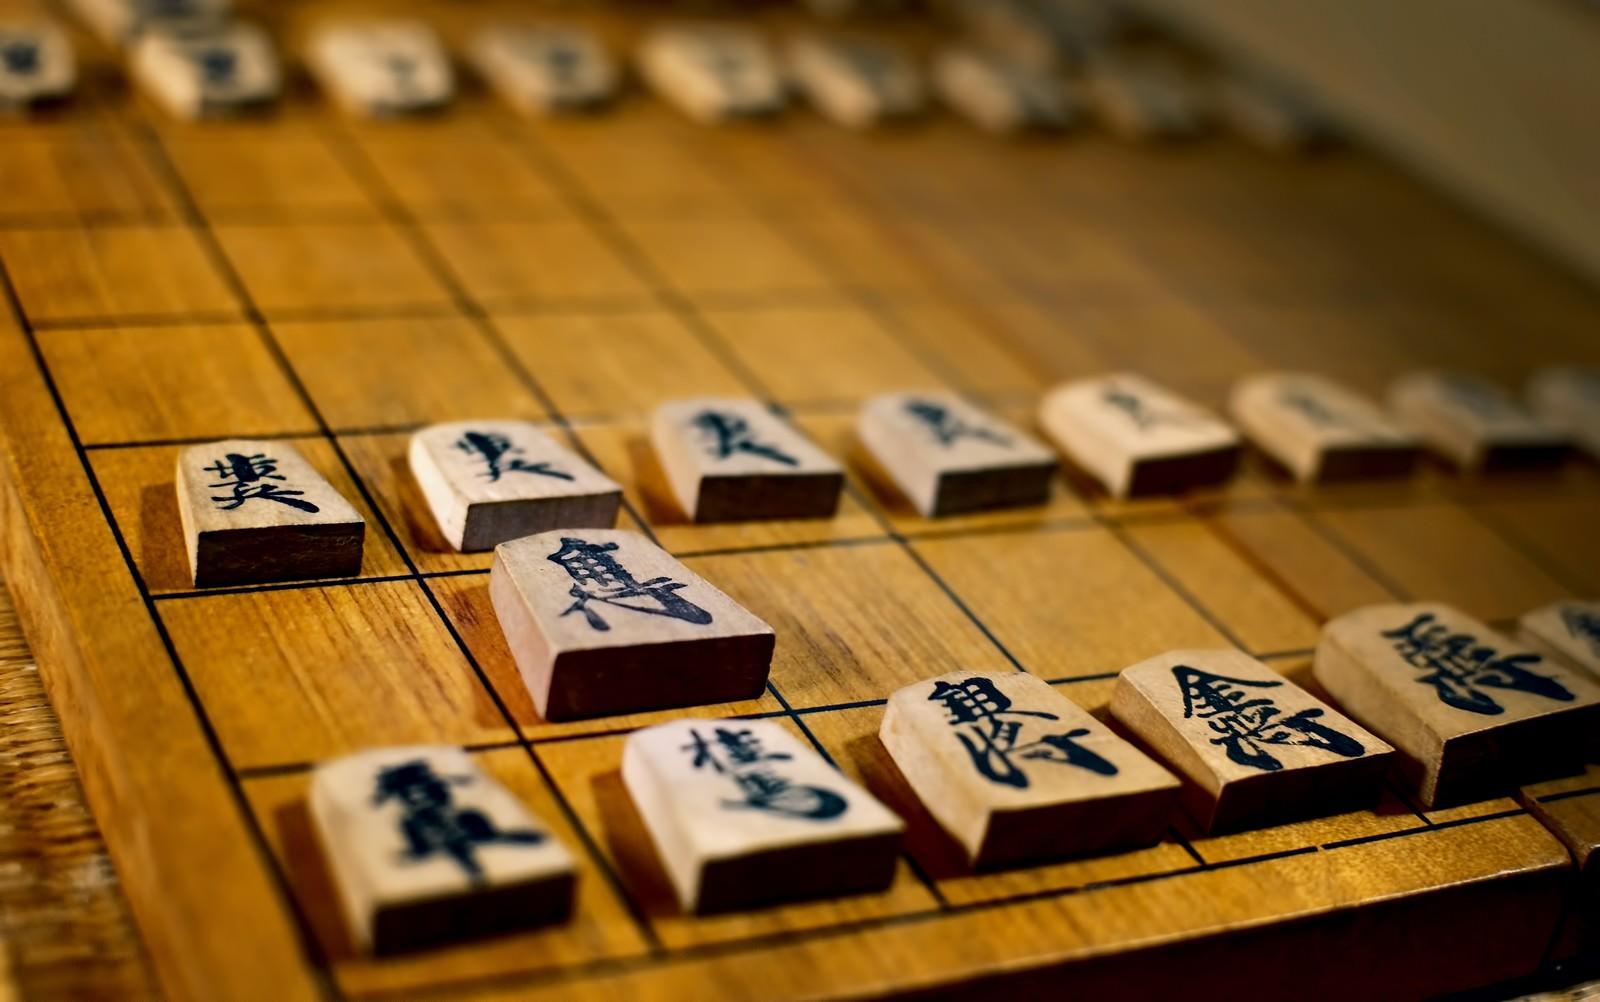 古く使い込まれた将棋盤と駒 無料の写真素材はフリー素材のぱくたそ